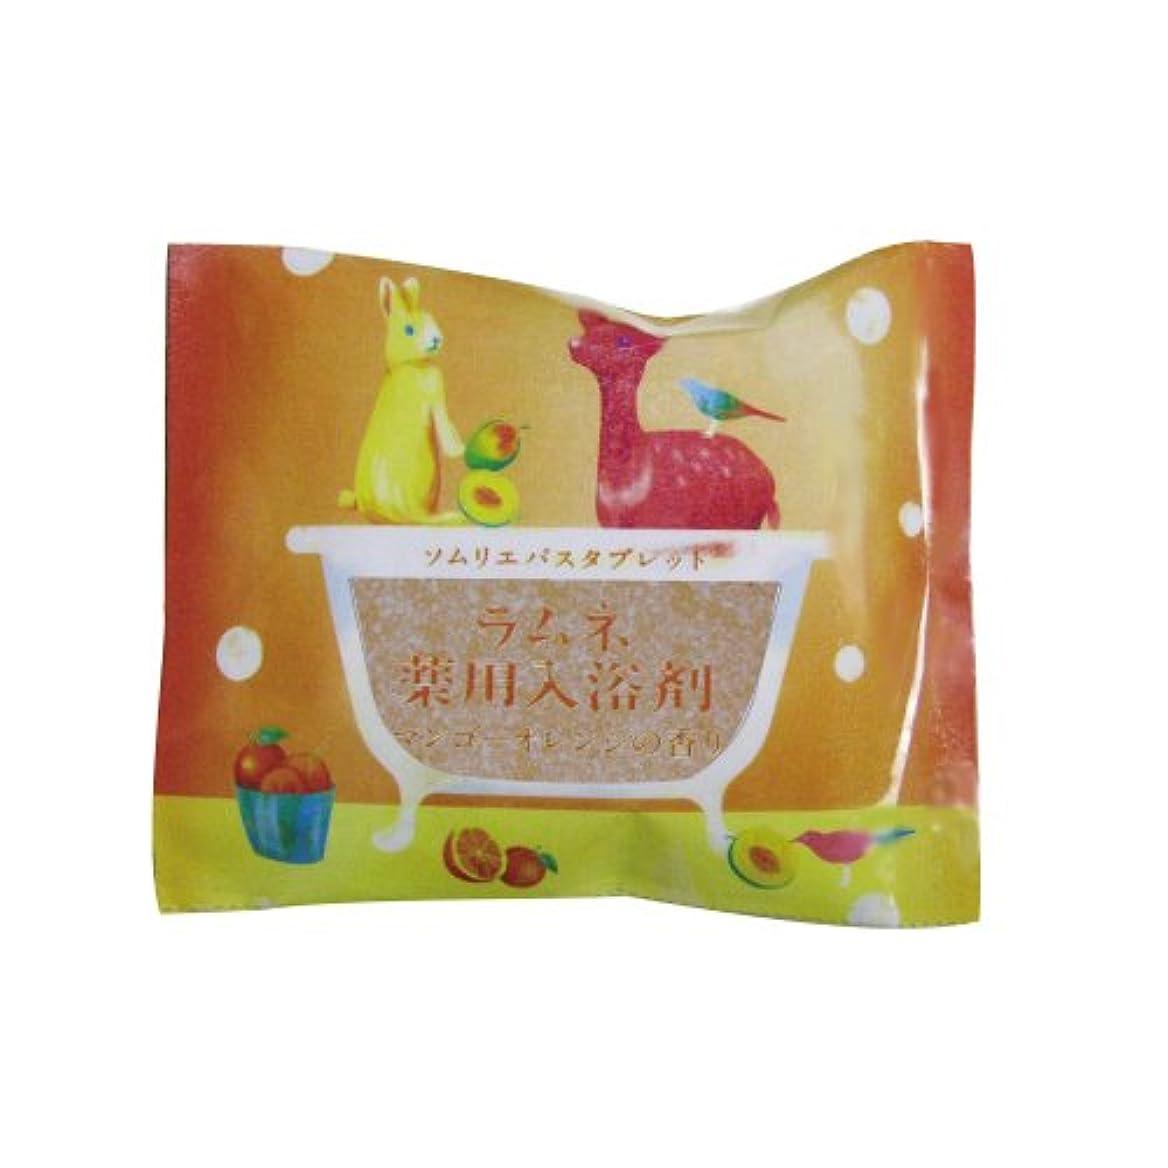 ダイアクリティカル誰神社ソムリエバスタブレット ラムネ薬用入浴剤 マンゴーオレンジの香り 12個セット